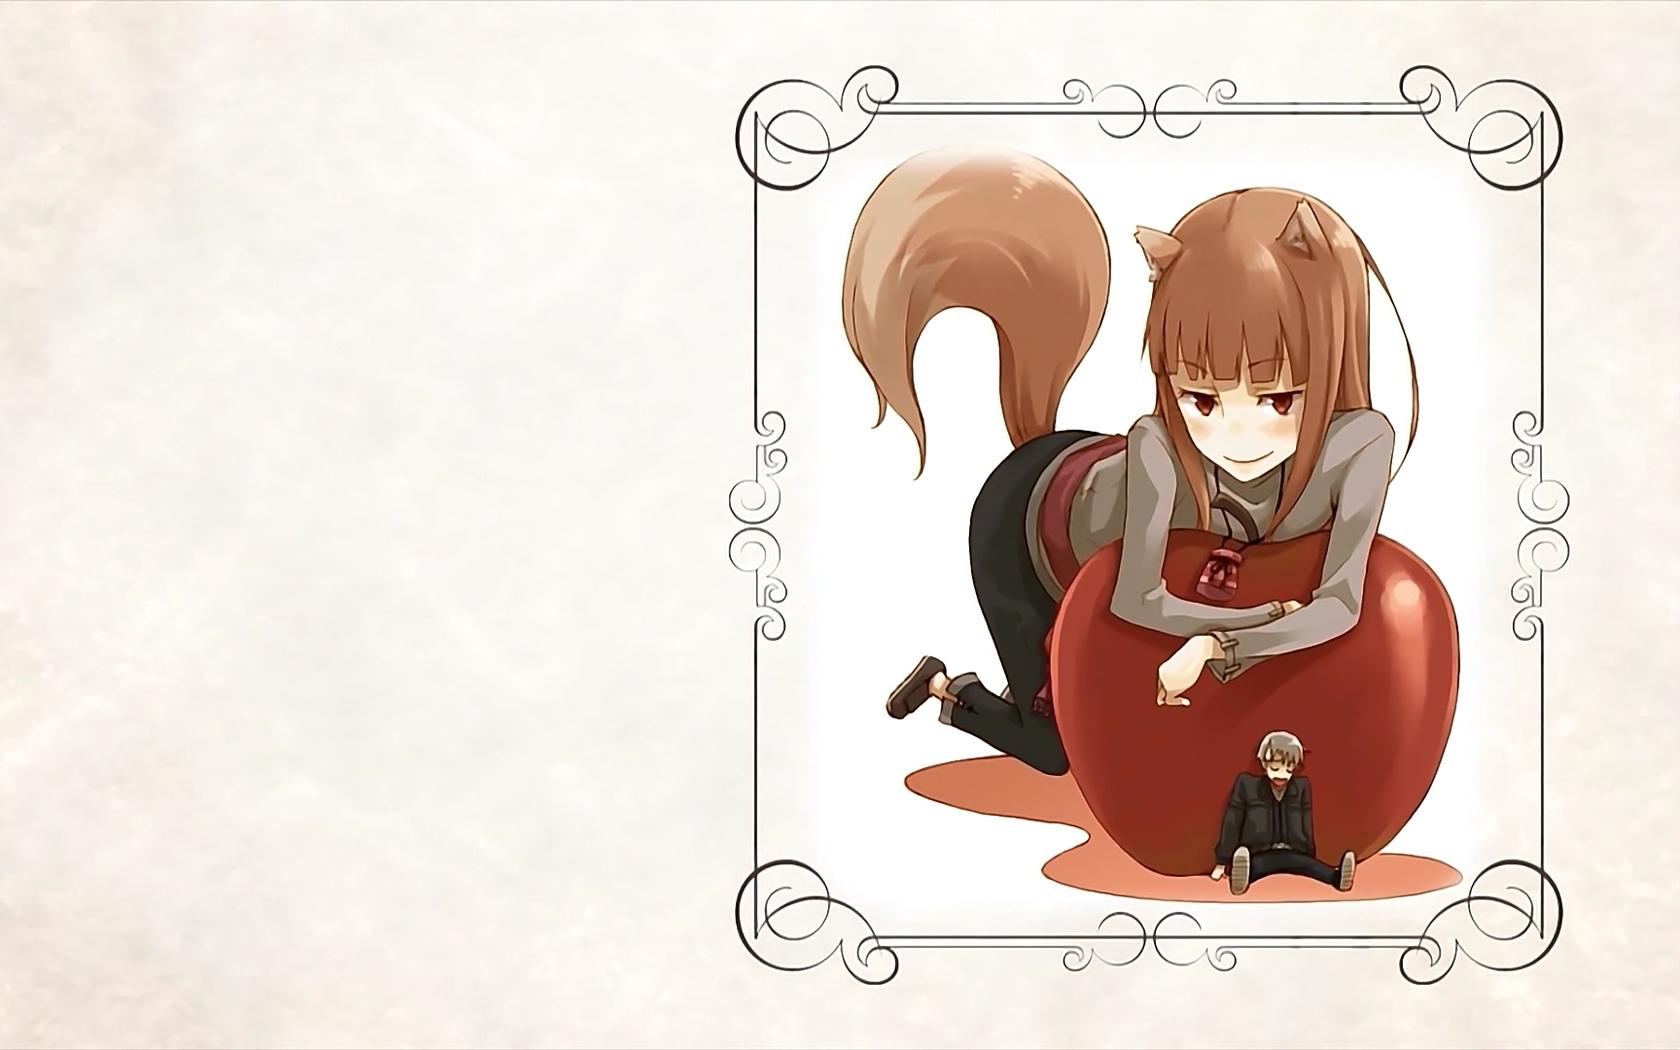 Wallpaper Ilustrasi Anime Ekor Gambar Kartun Apel Gadis